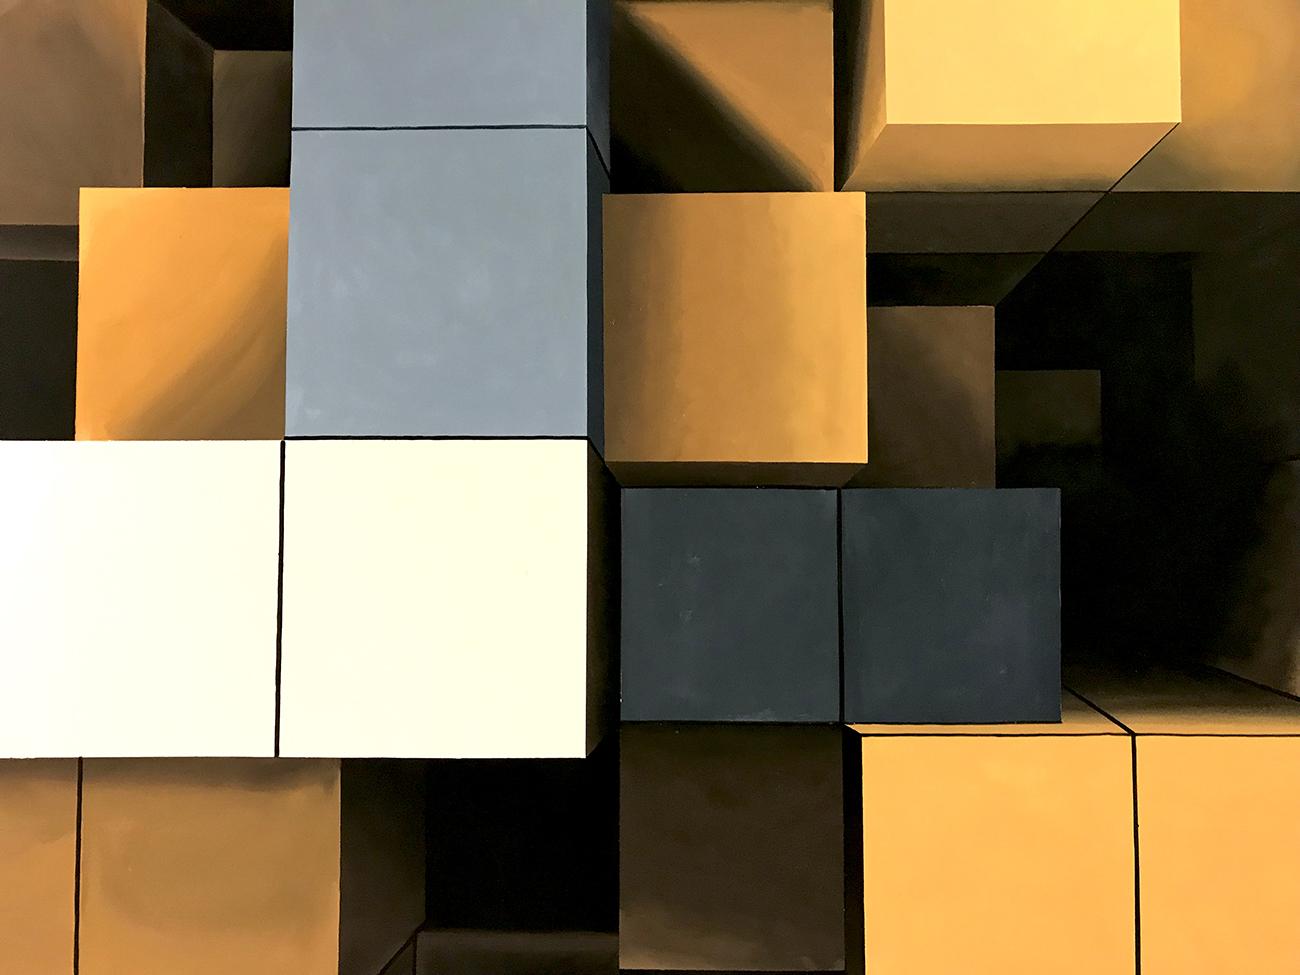 cube dekorfestmény - neopaint works